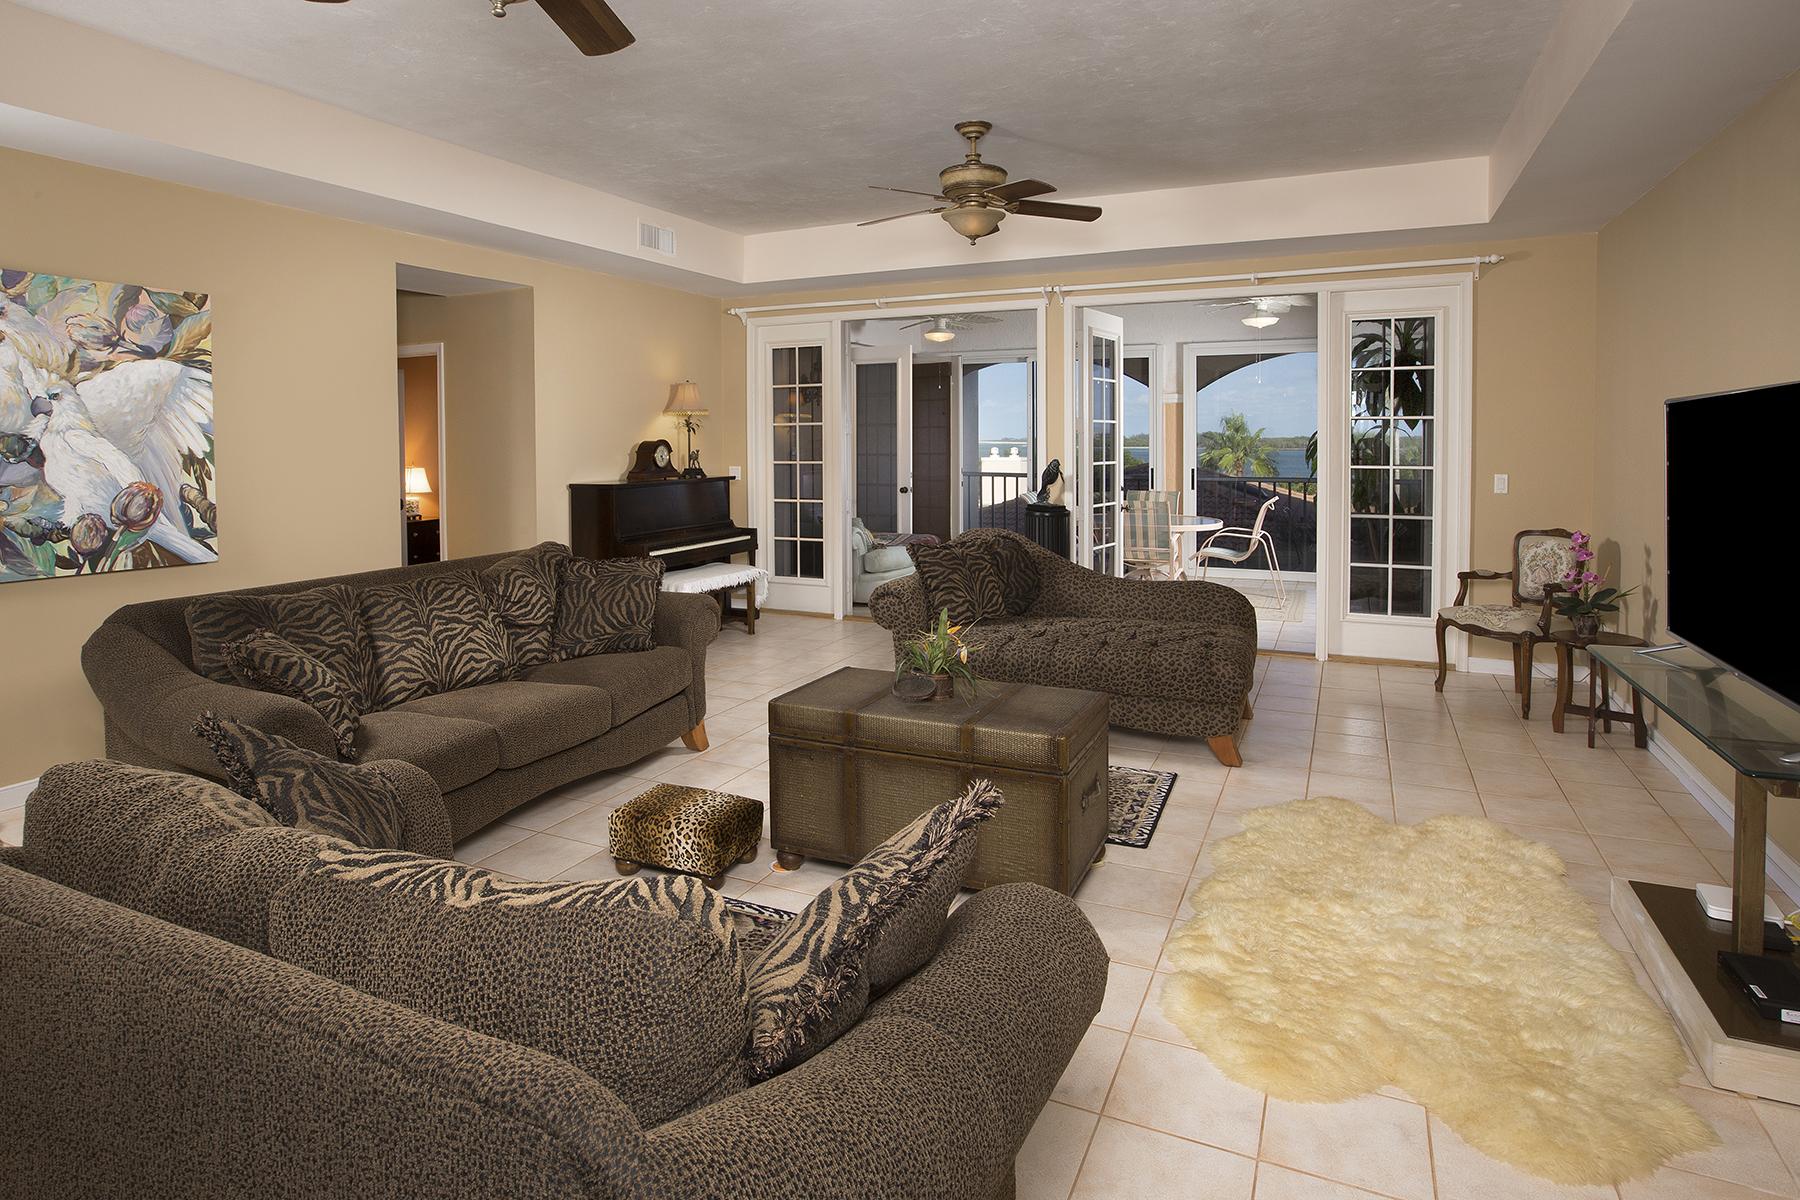 Кондоминиум для того Продажа на MARCO ISLAND 2000 Royal Marco Way 308 Marco Island, Флорида, 34145 Соединенные Штаты